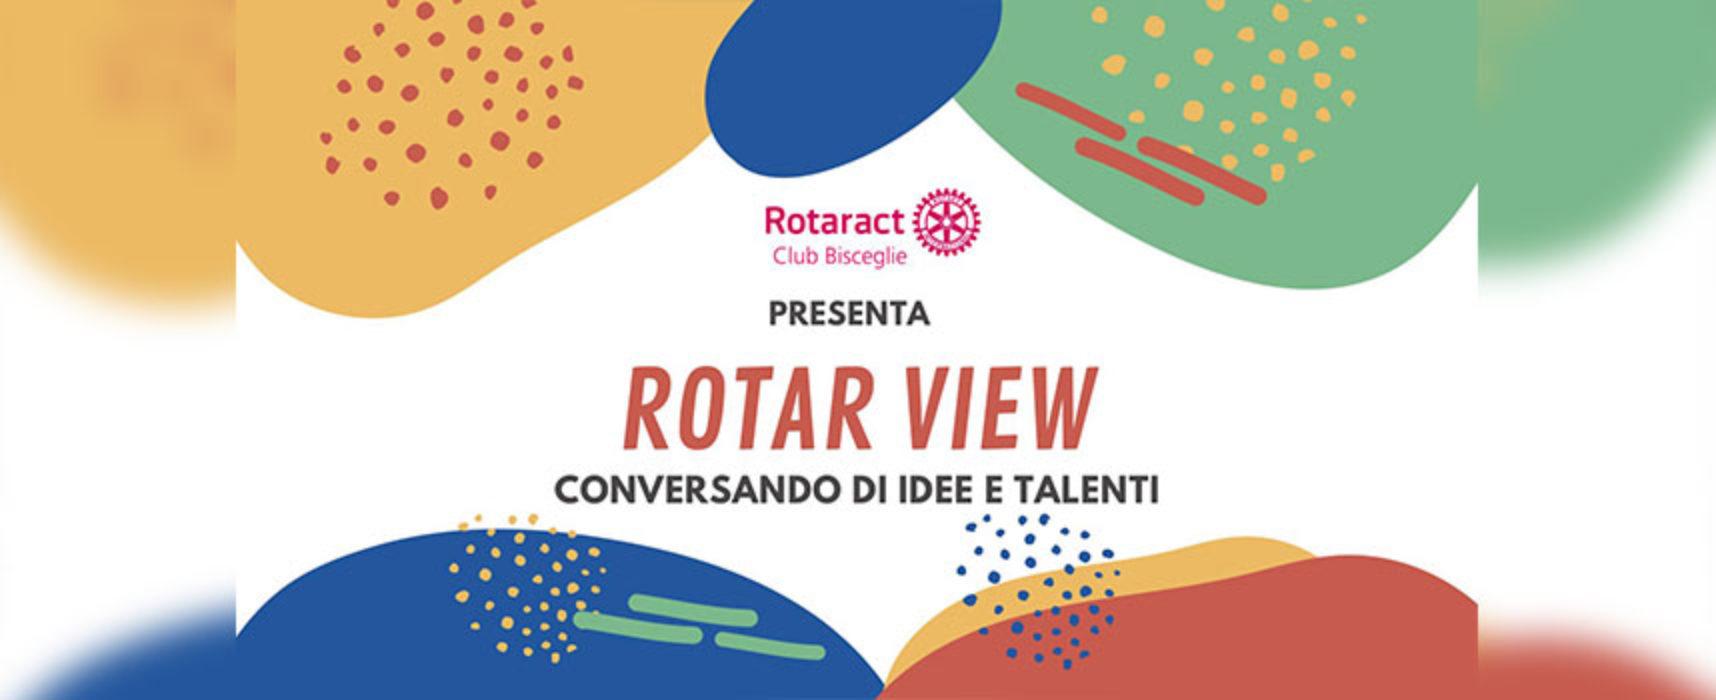 """Rotaract Bisceglie, al via la rubrica """"Rotar-View: conversando di idee e di talenti"""""""